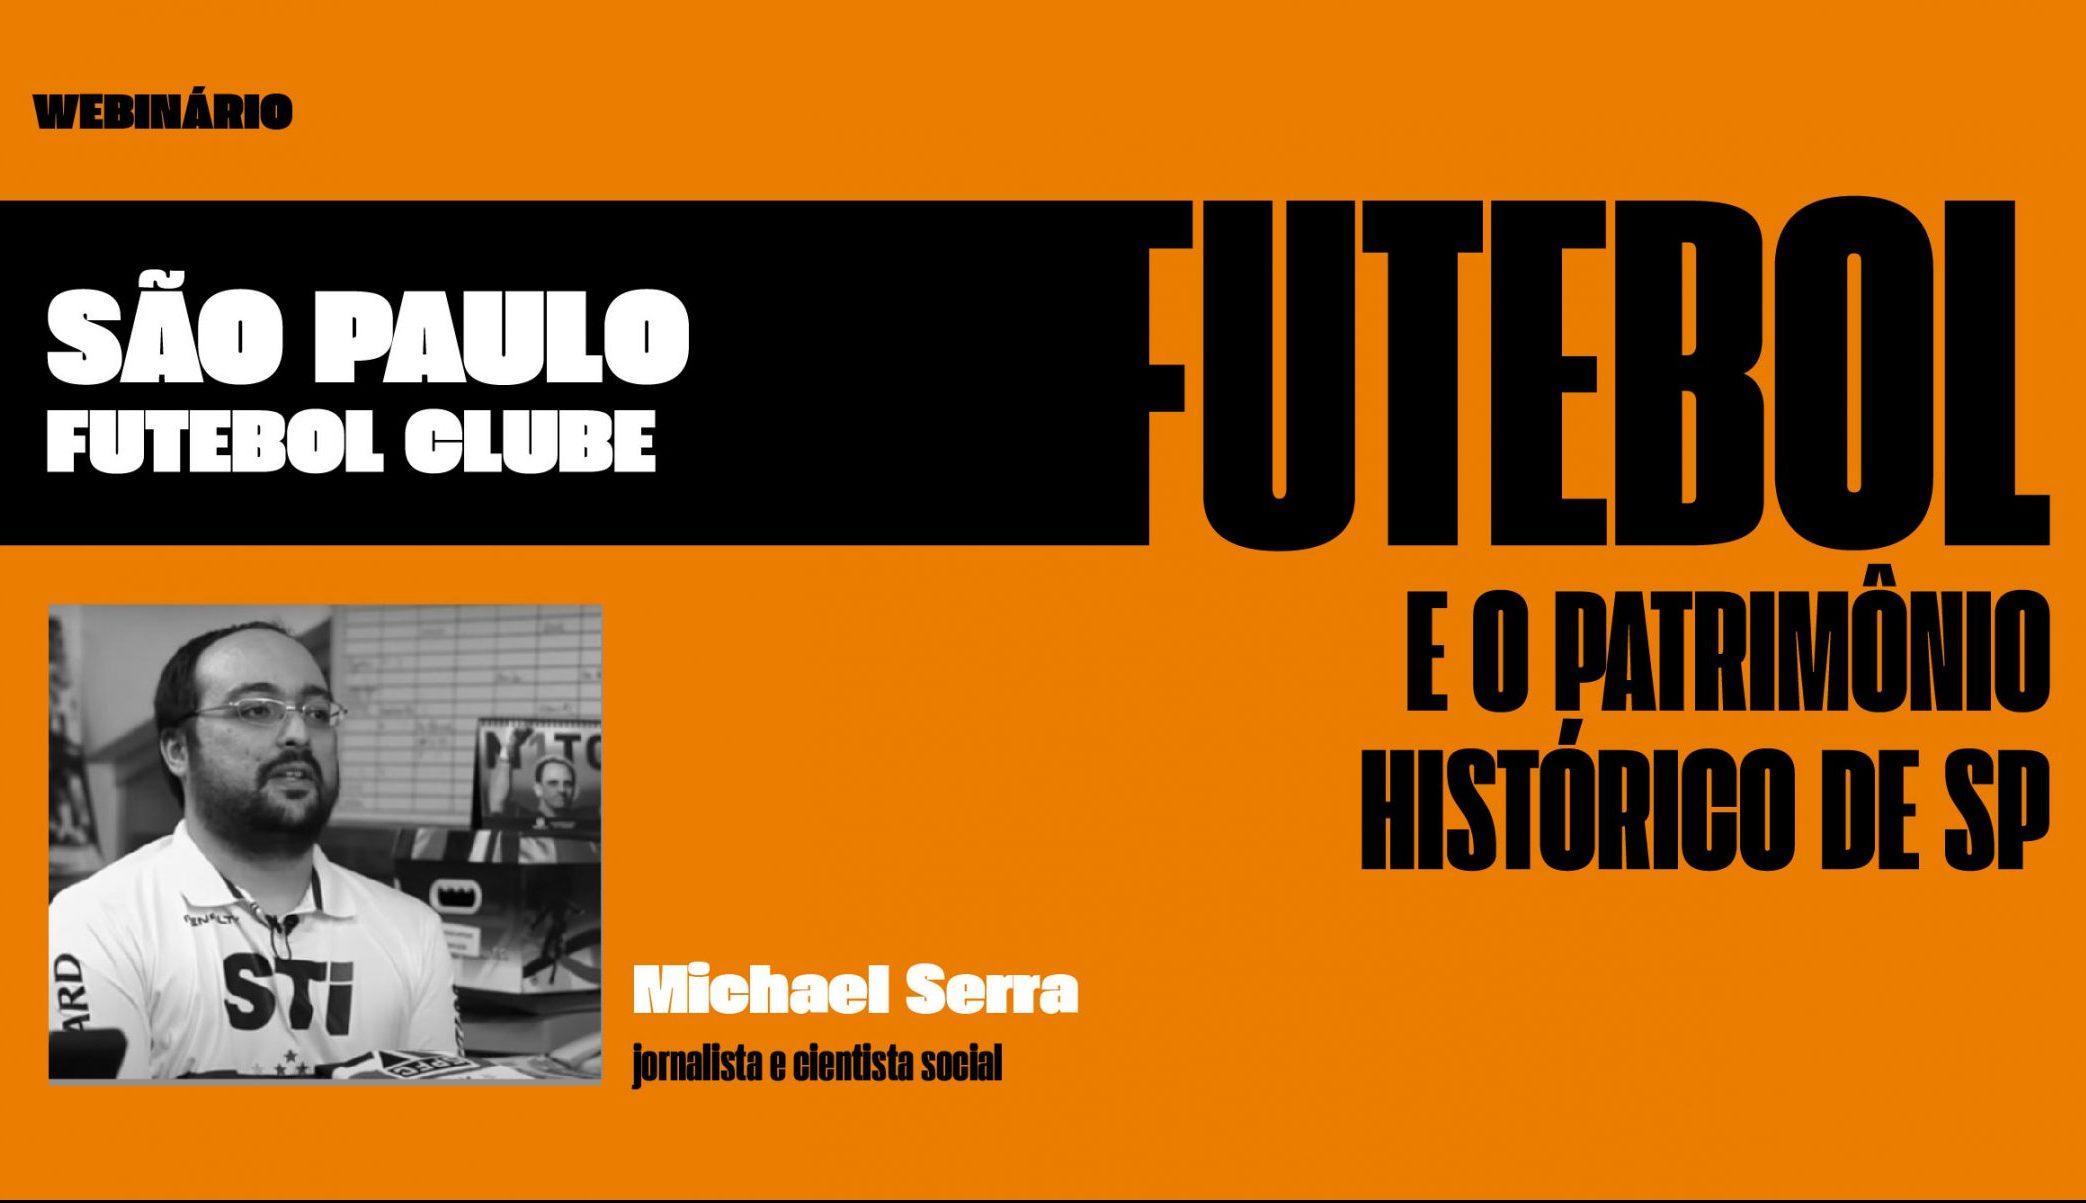 Futebol e o Patrimônio Histórico de SP. São Paulo Futebol Clube. Com Michel Serra.